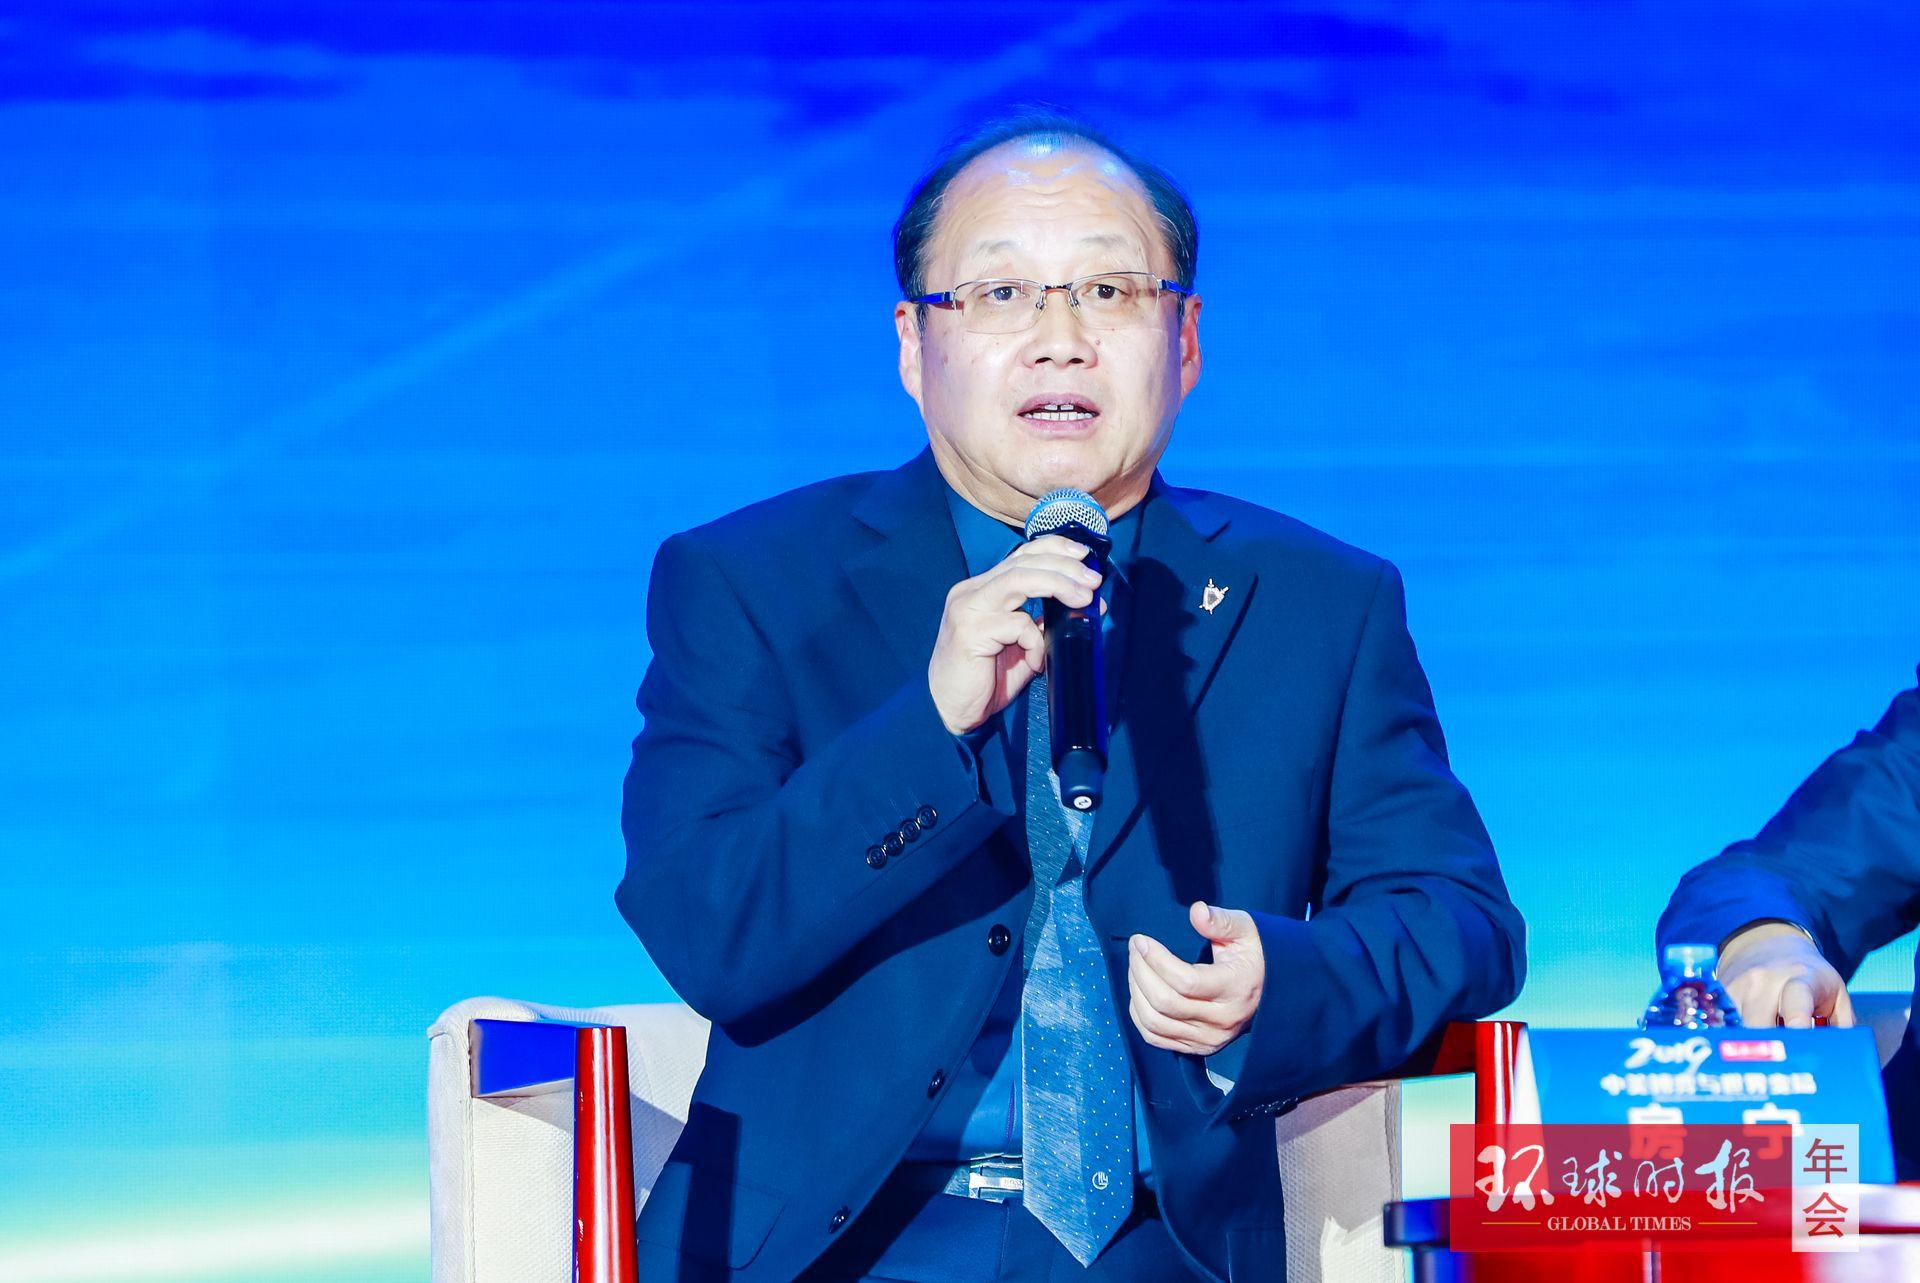 房宁:改革开放已有40年,希望还有40年,乃至更长